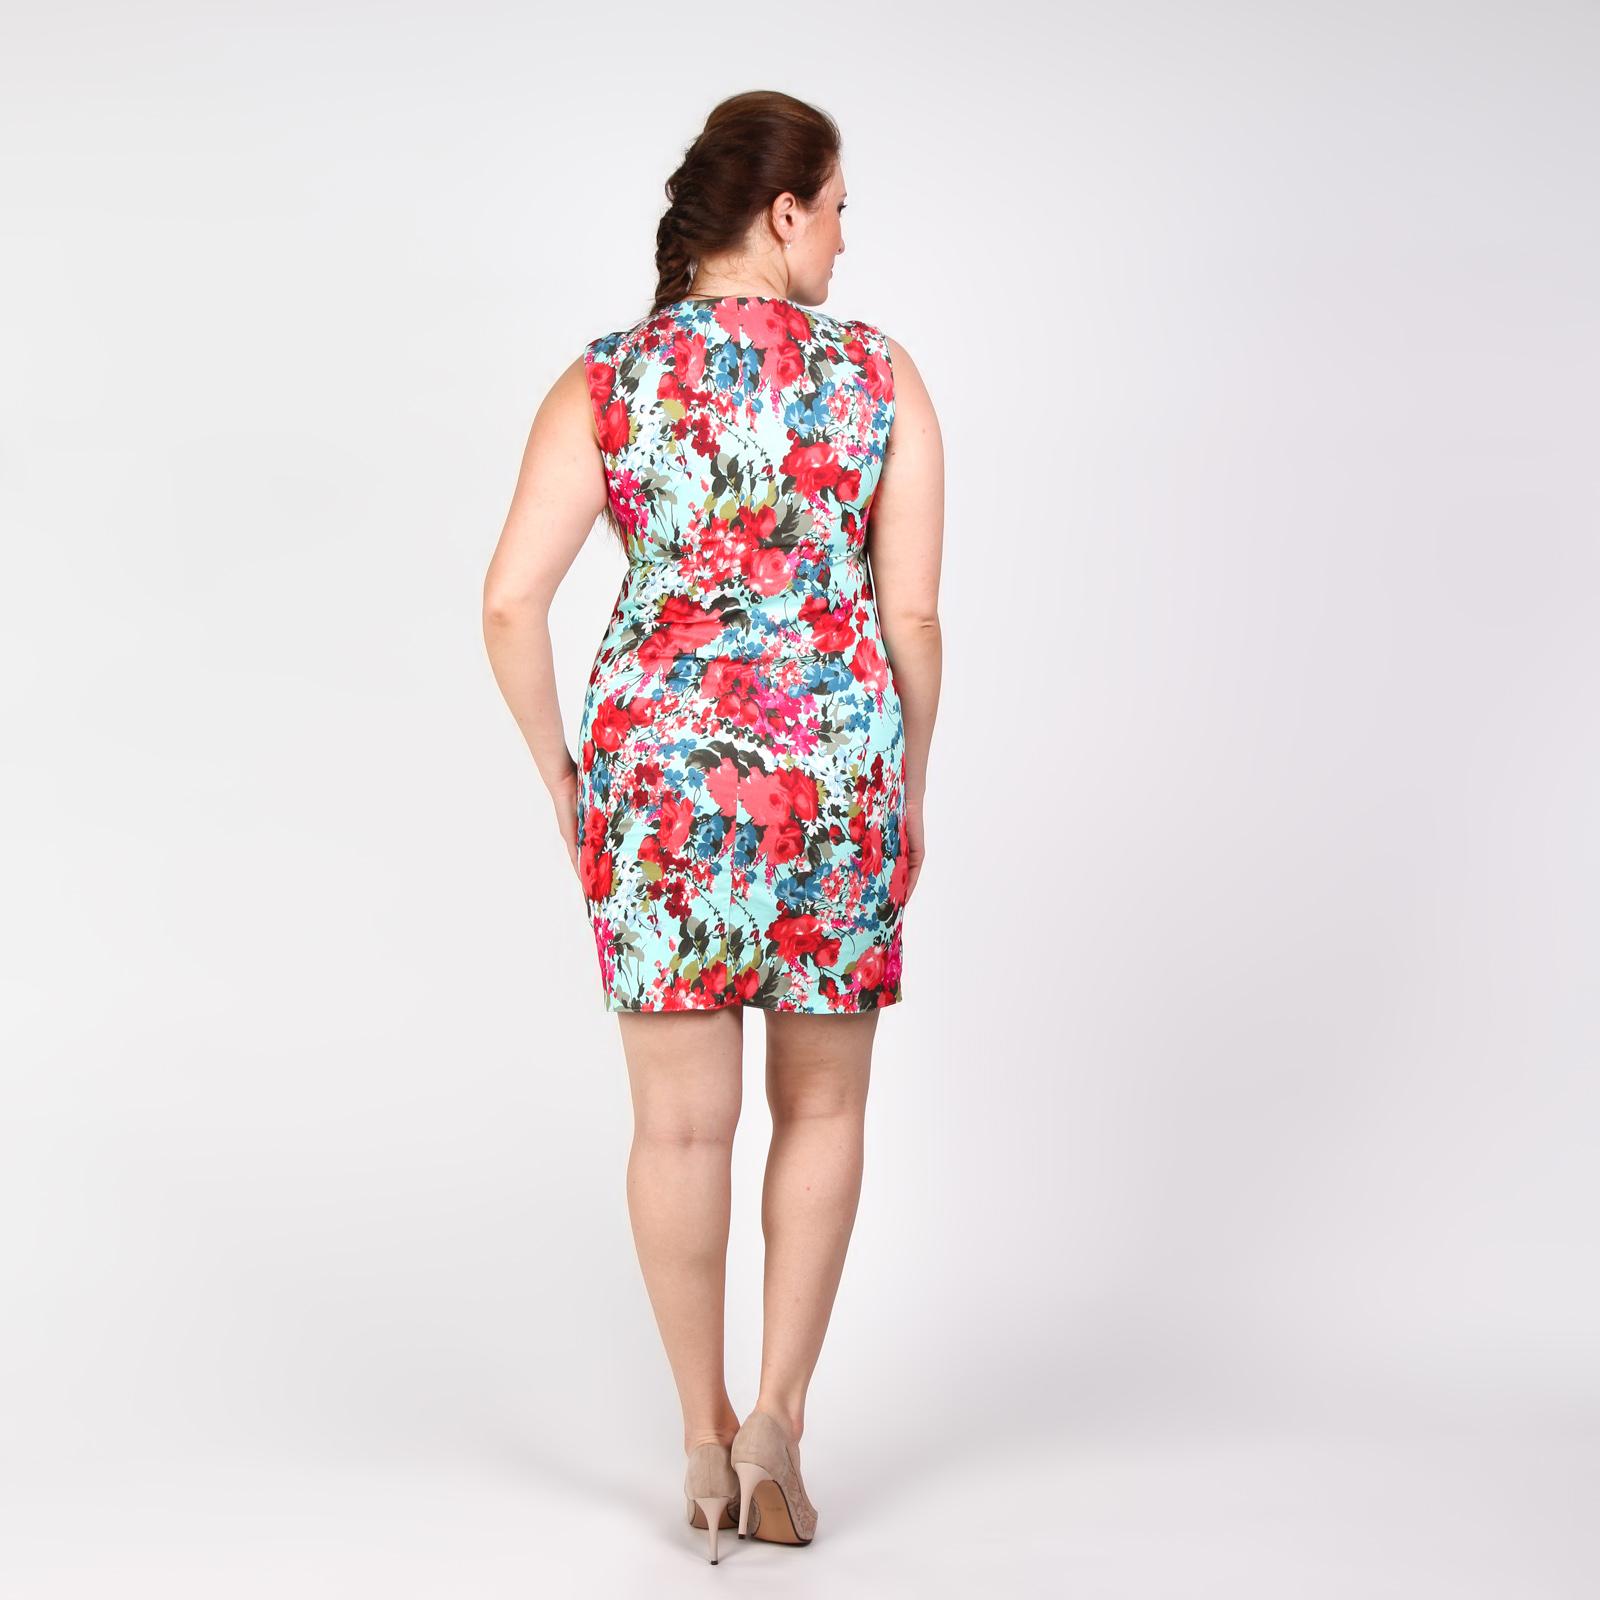 Лина Женская Одежда Больших Размеров С Доставкой